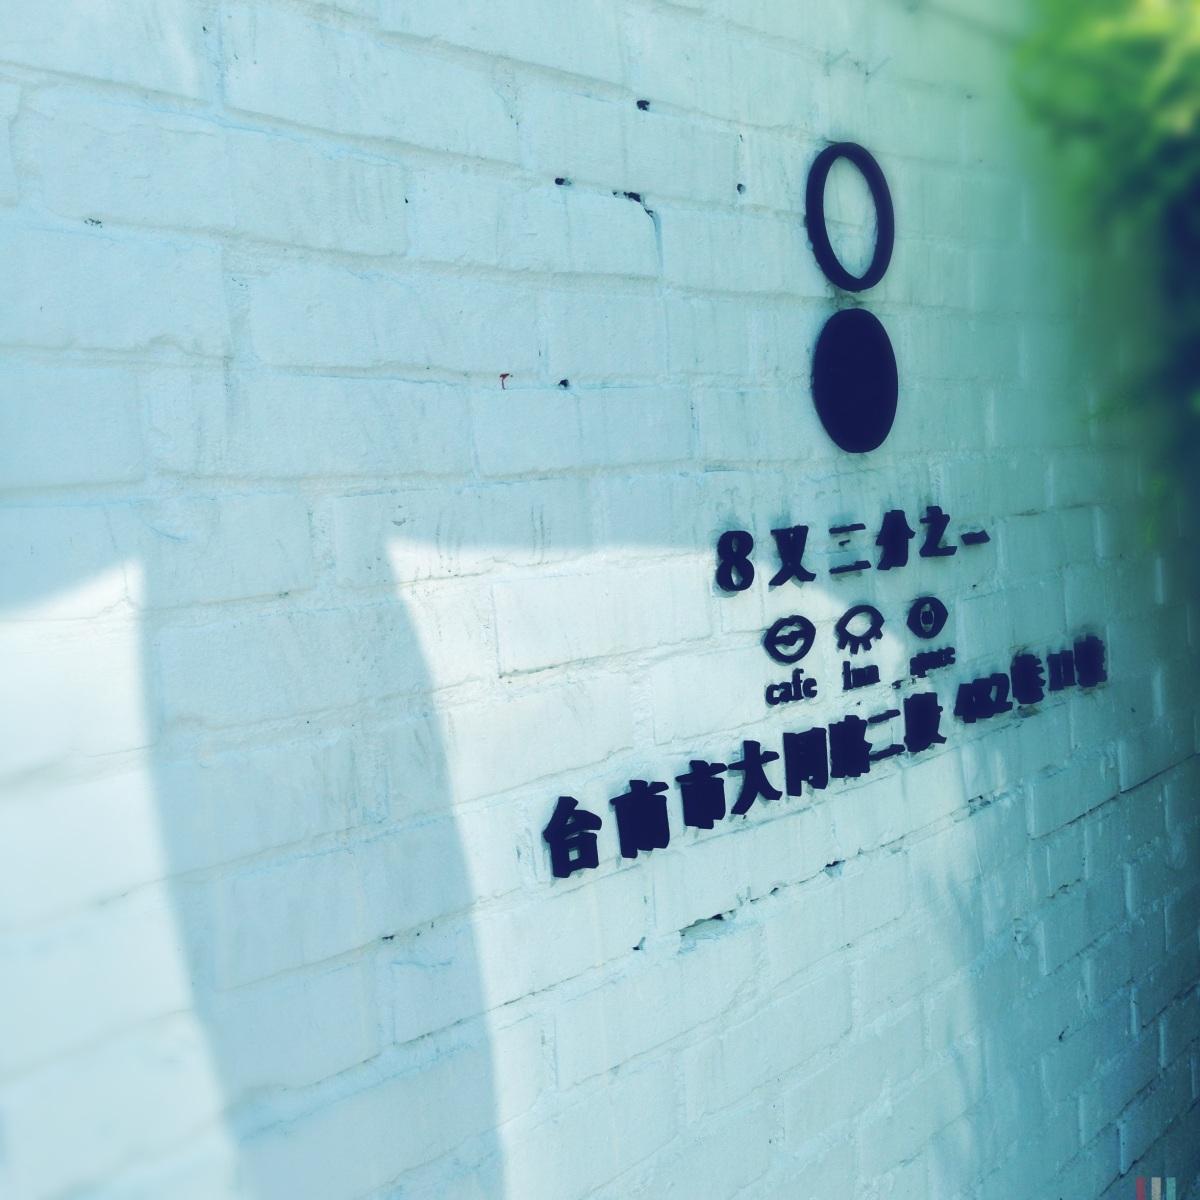 民宿與藝術空間的結合 - 八又二分之一,台南市 2